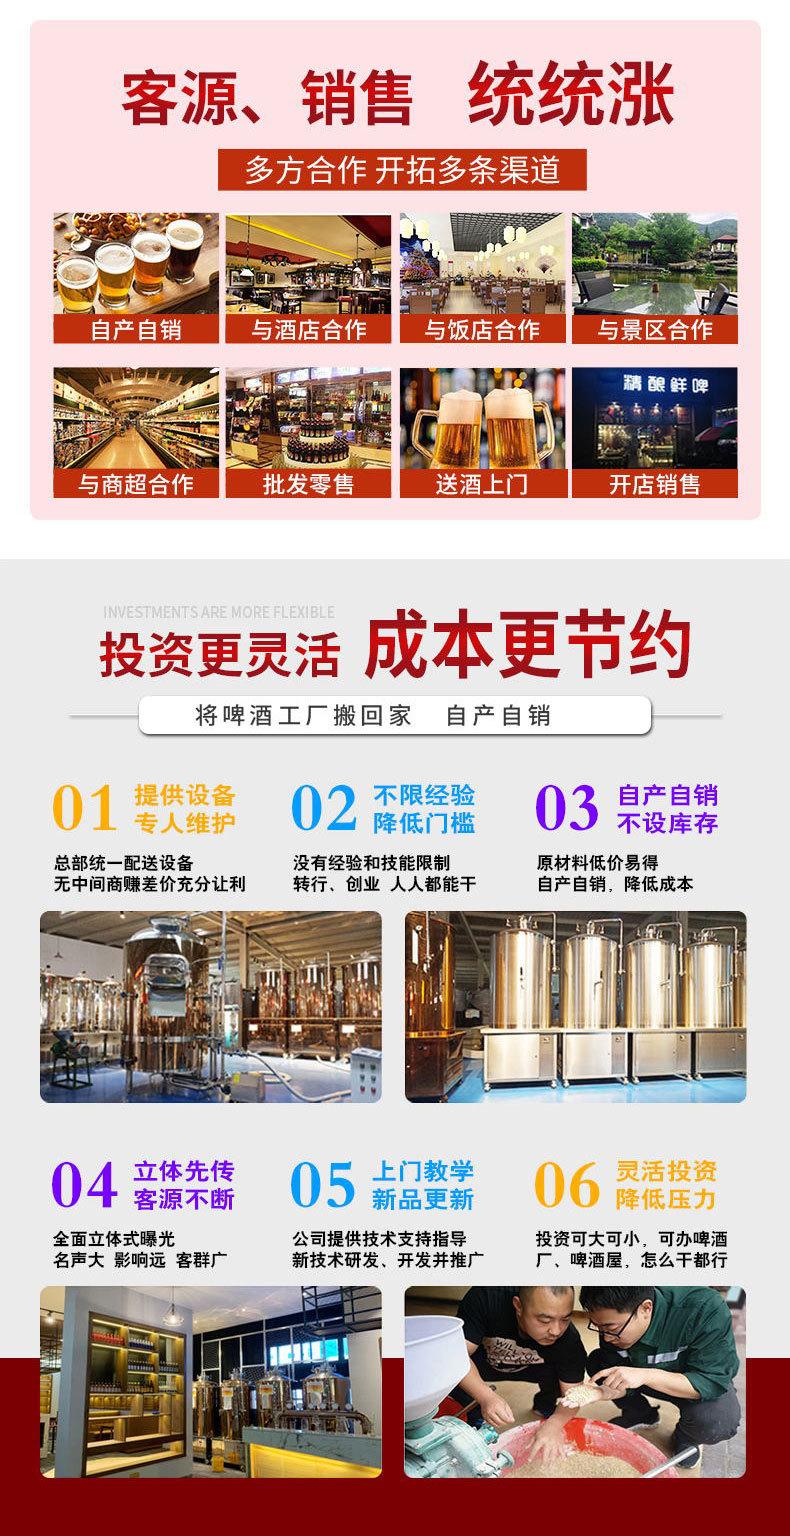 新作落地页啤酒_04.jpg